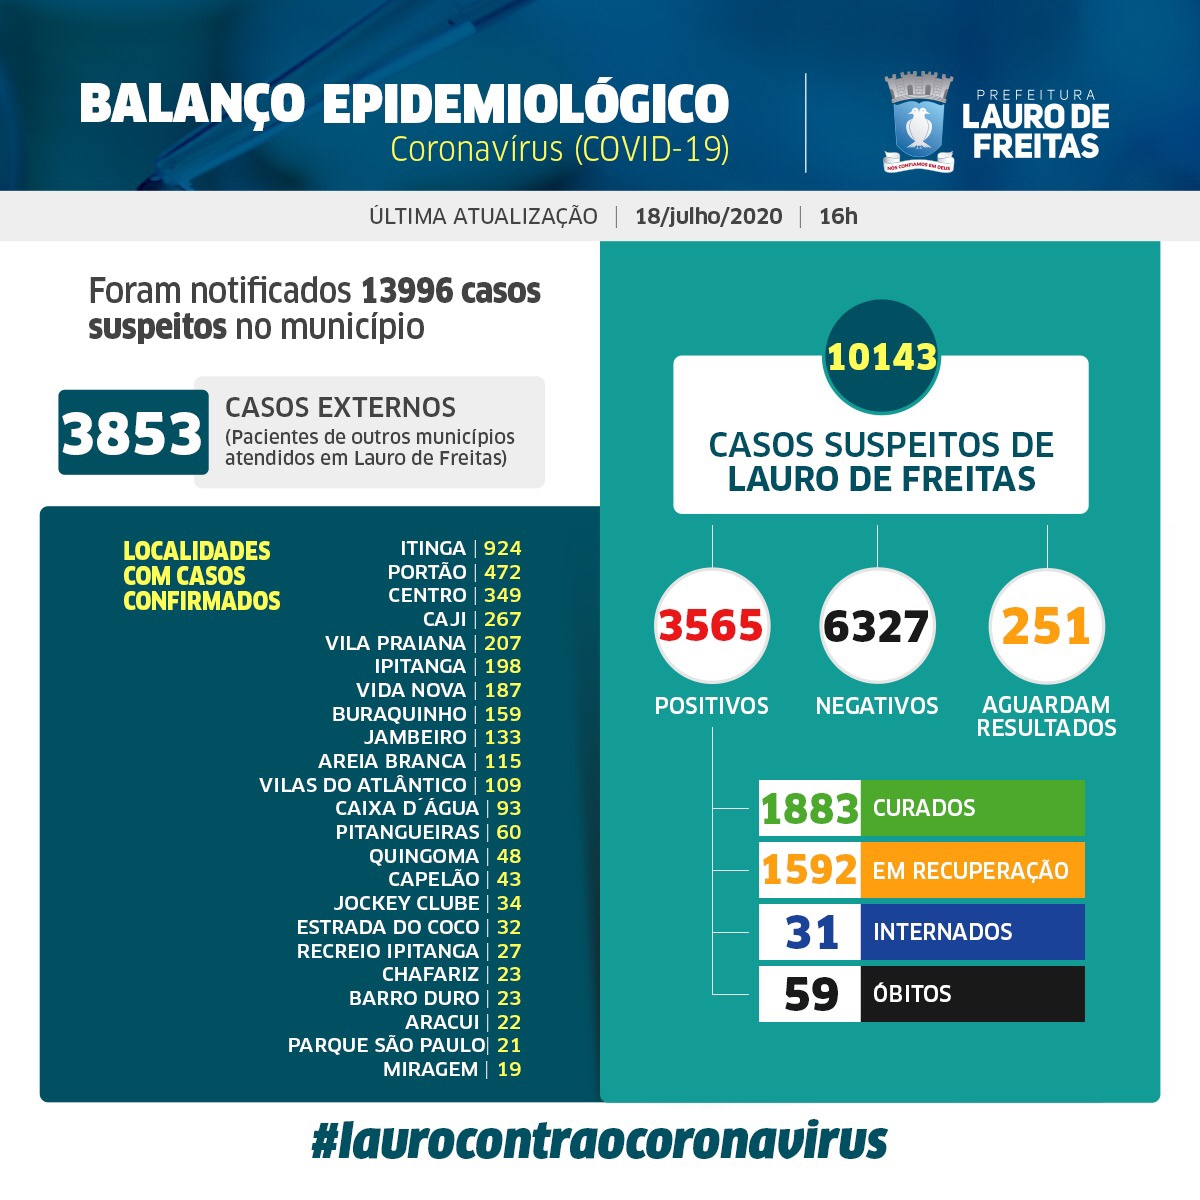 Covid-19: número de curados em Lauro de Freitas é maior do que o número de casos ativos em recuperação